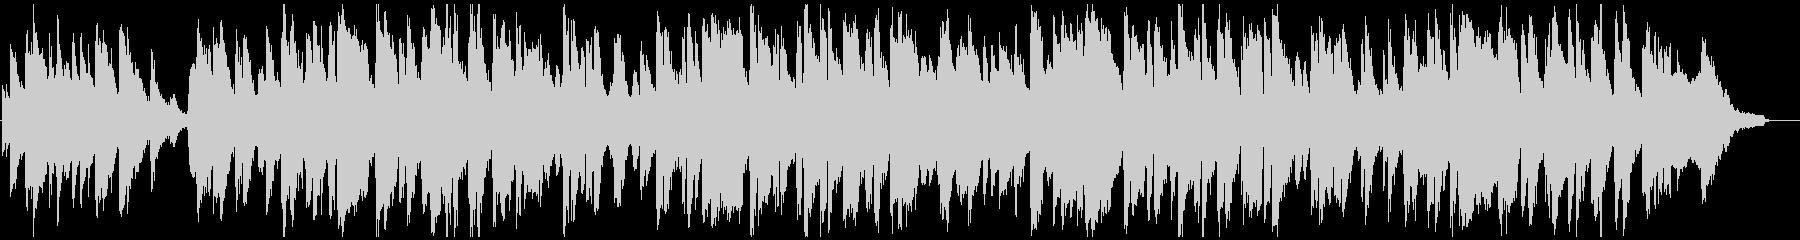 アメイジンググレイス ピアノボーカルの未再生の波形